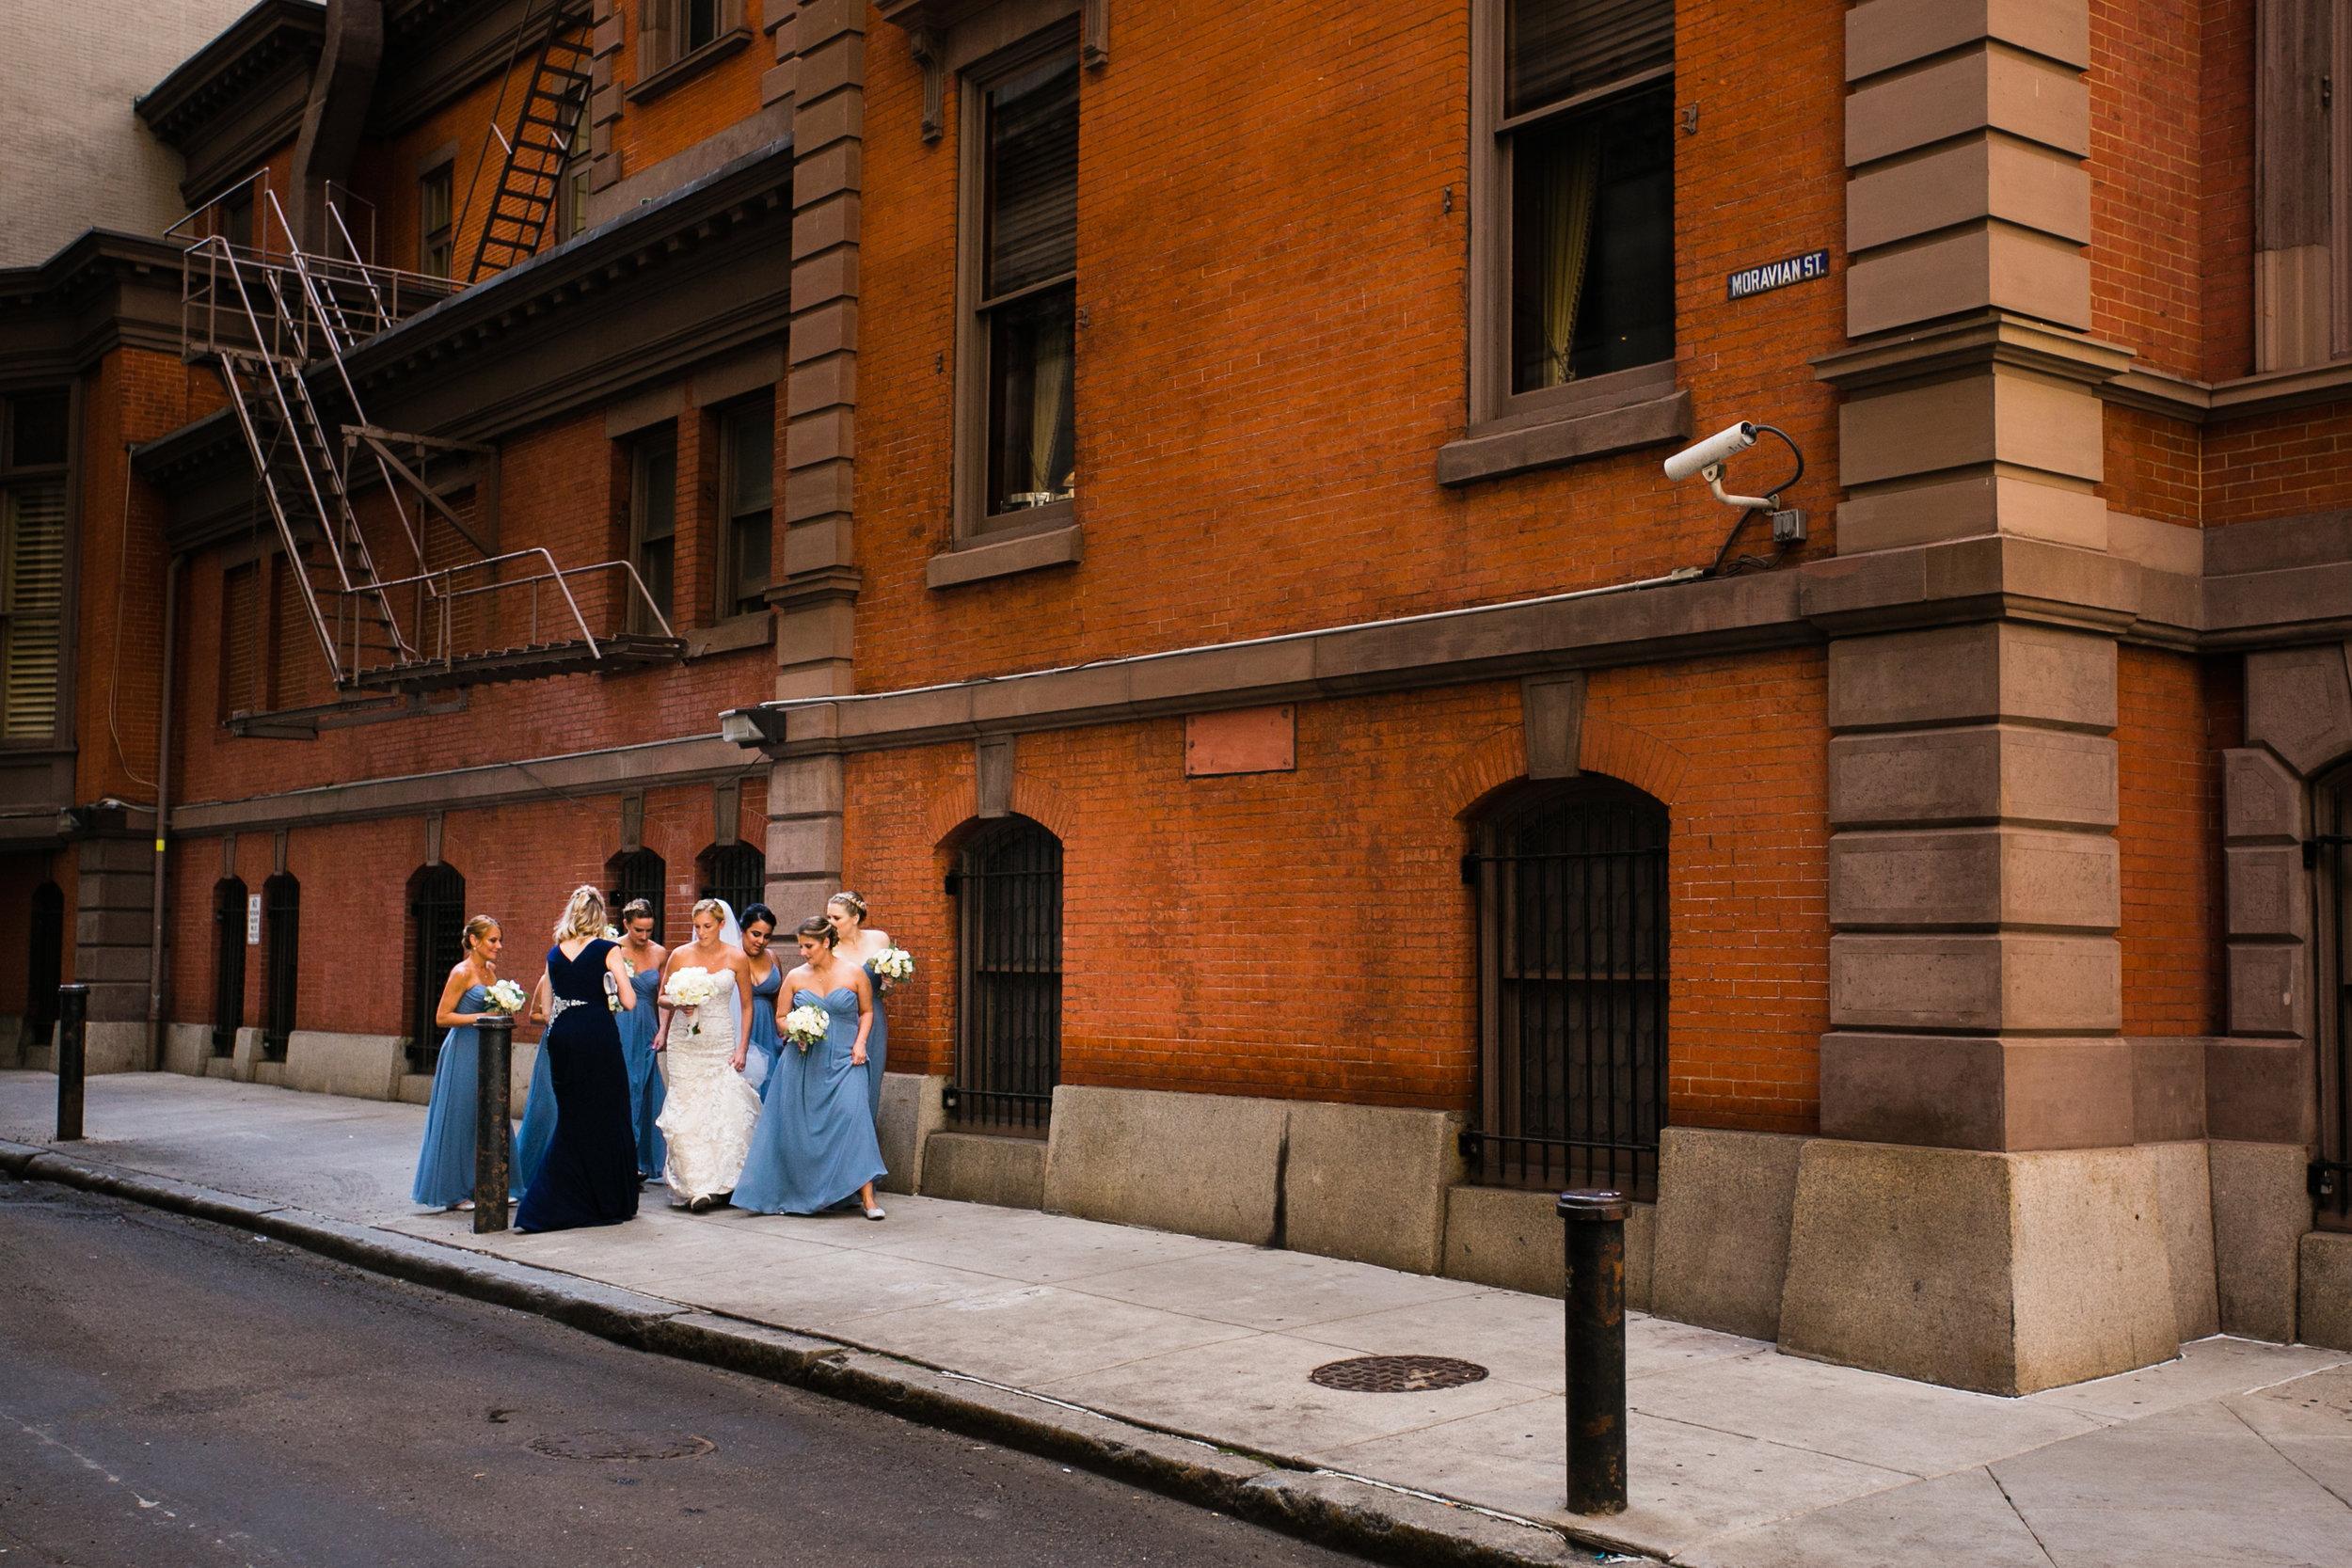 TENDENZA FISHTOWN PHILADELPHIA WEDDING - 047.jpg